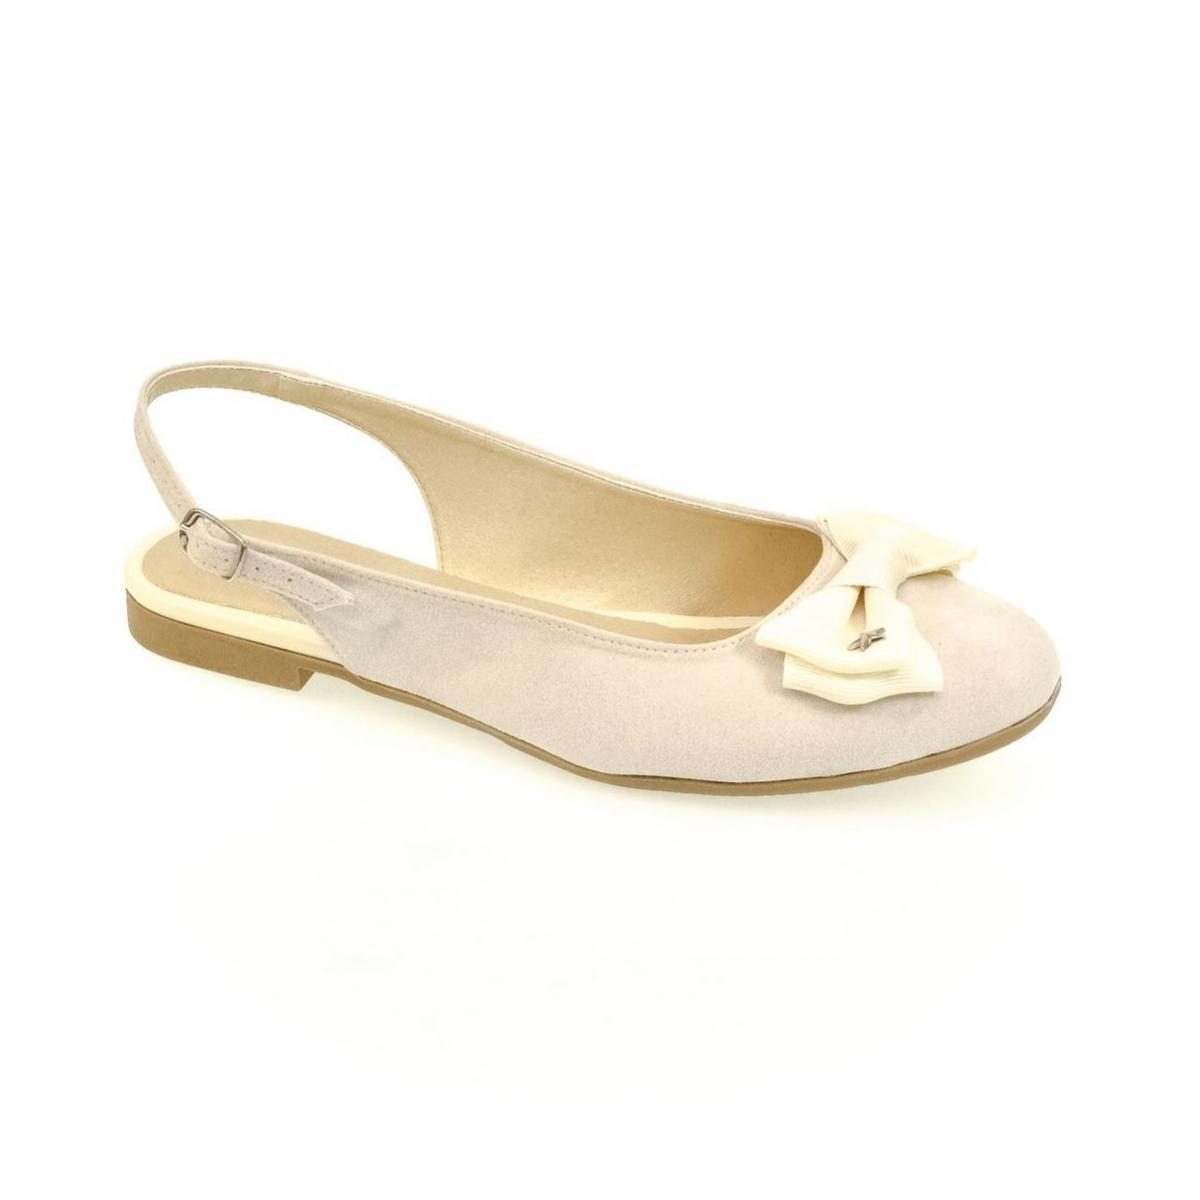 93e974d9f63e Dámske krémové sandále SIARA - 4